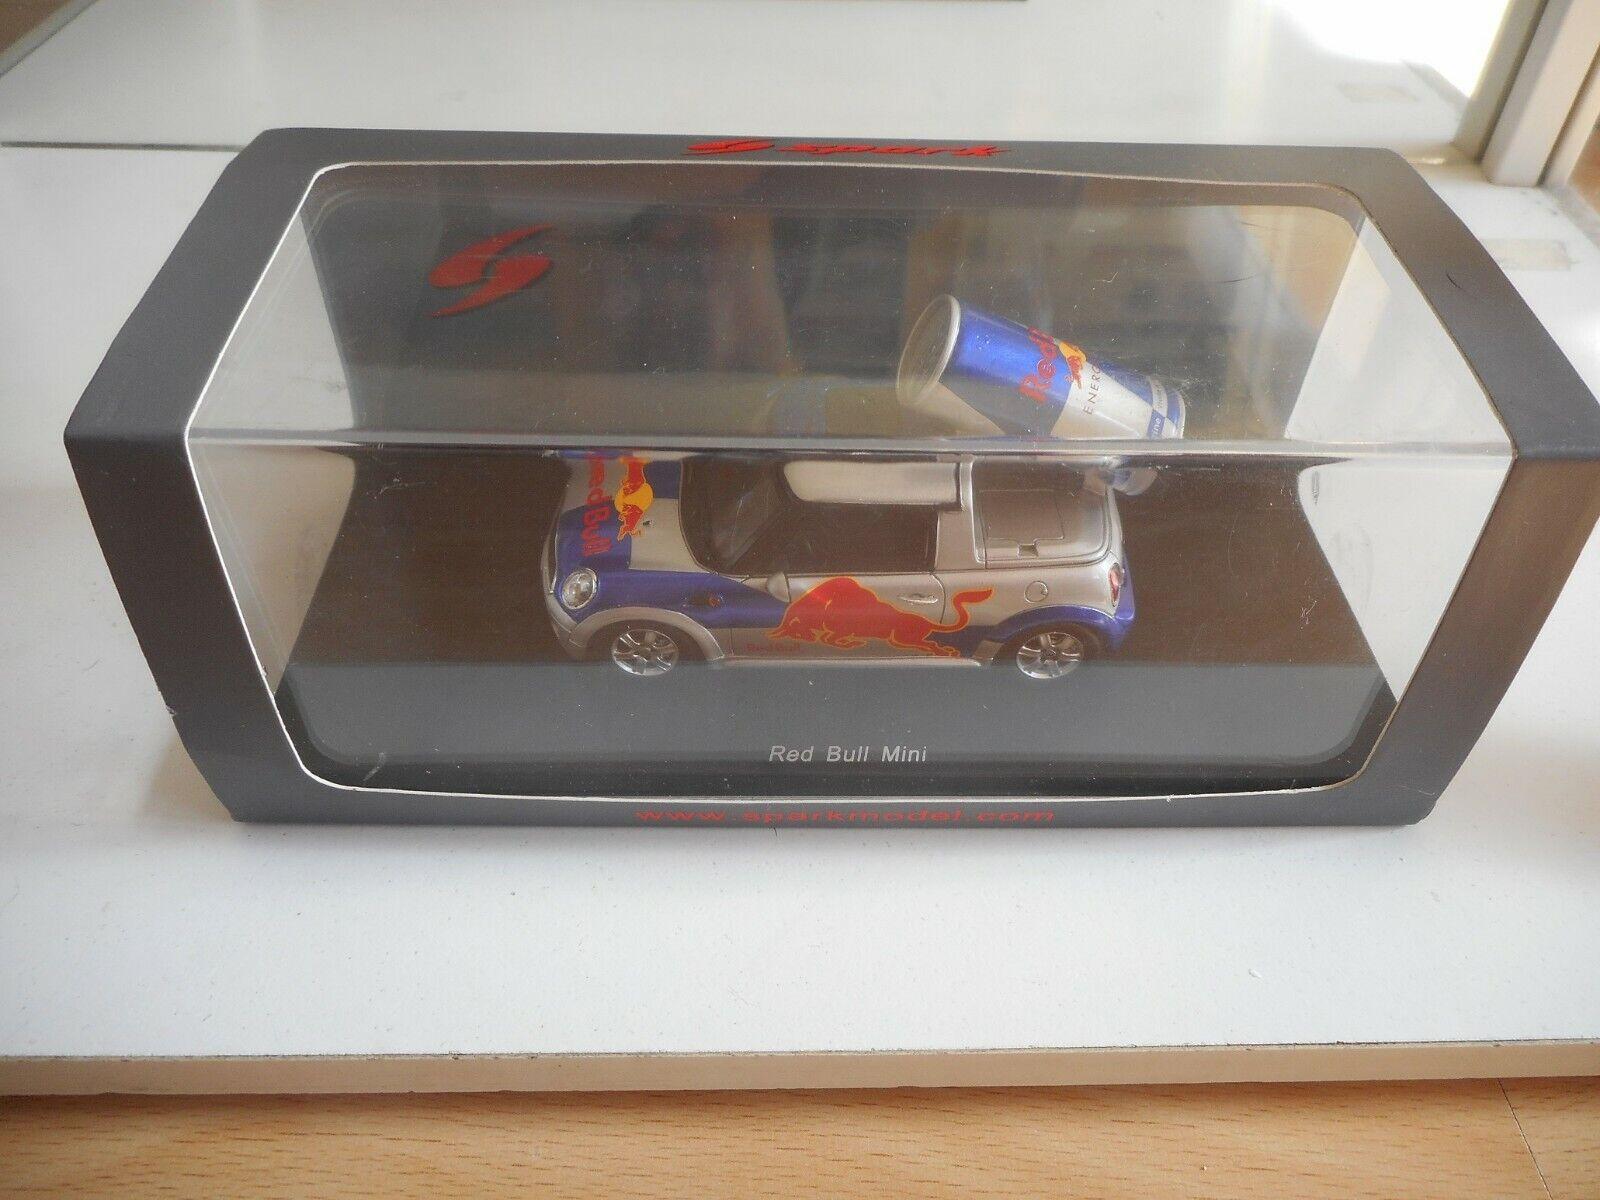 Spark Mini Cooper rosso Bull in grigio blu on 1 43 in Box